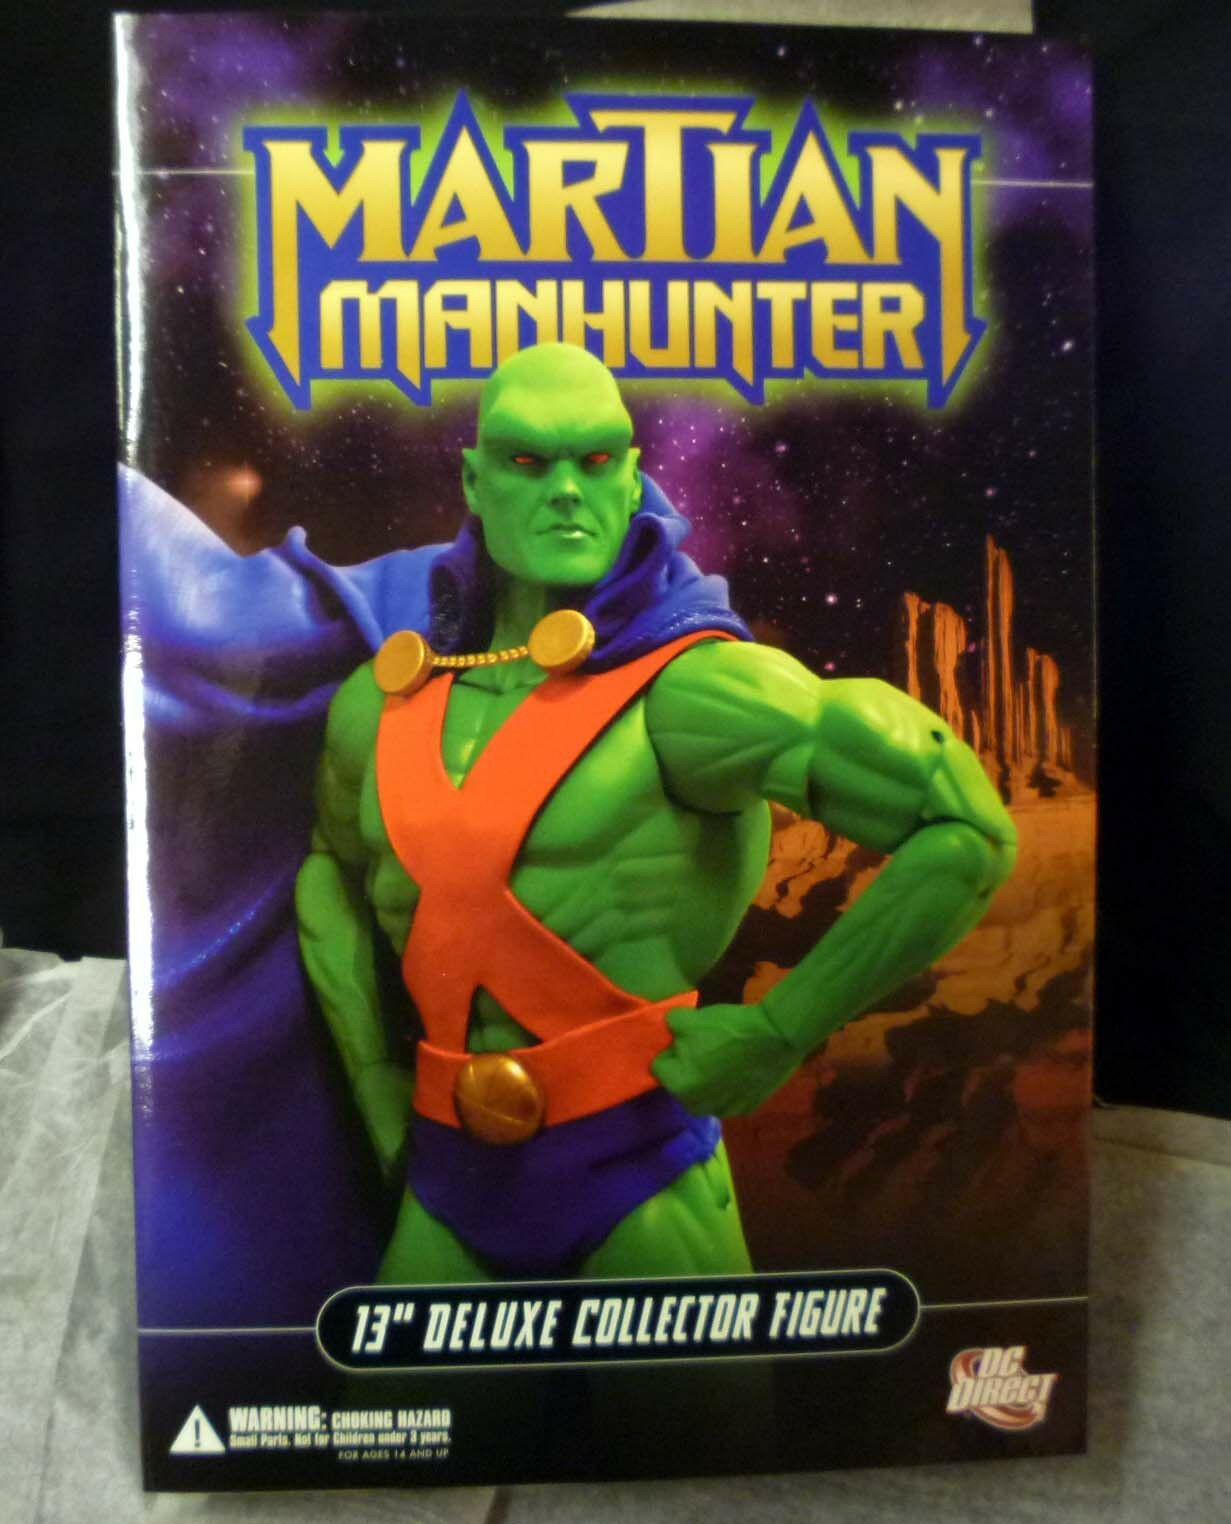 DC  Comics Martian uomohunter 13   Deluxe scatolaed azione cifra bambola 1 6 Scale nuovo .  basta comprarlo